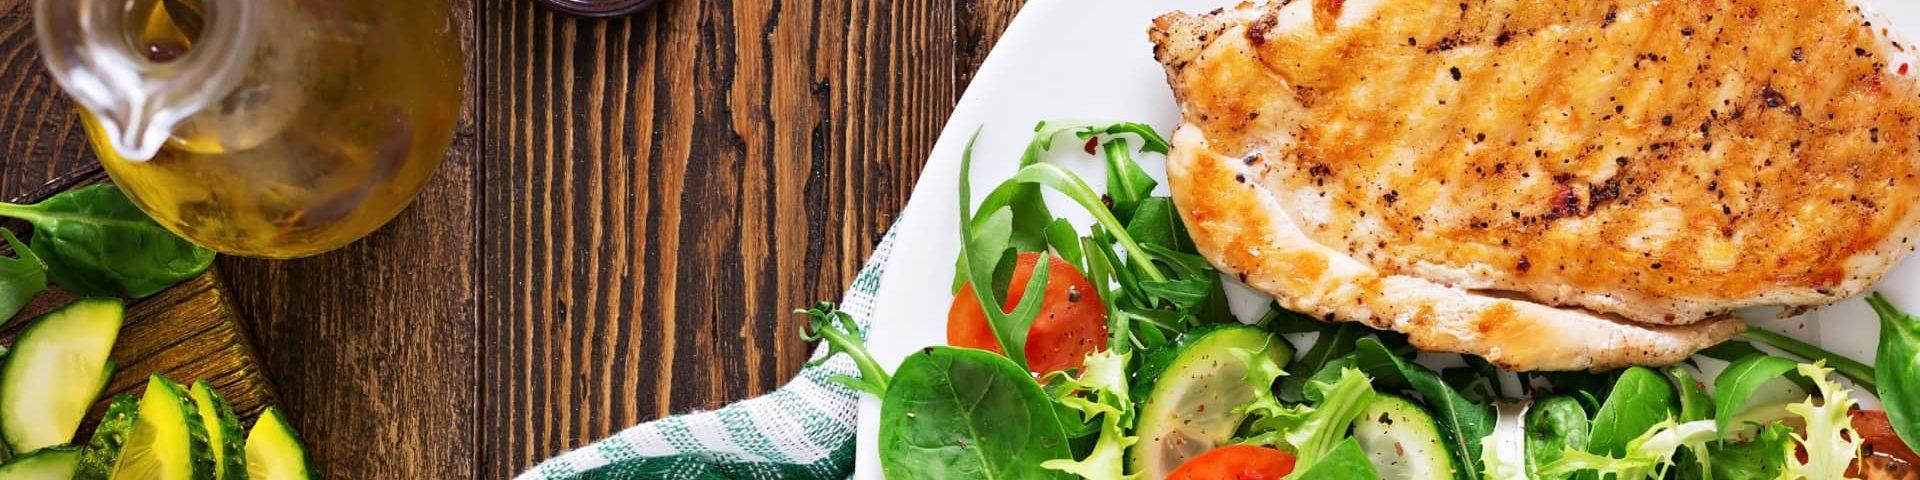 pavo y colesterol